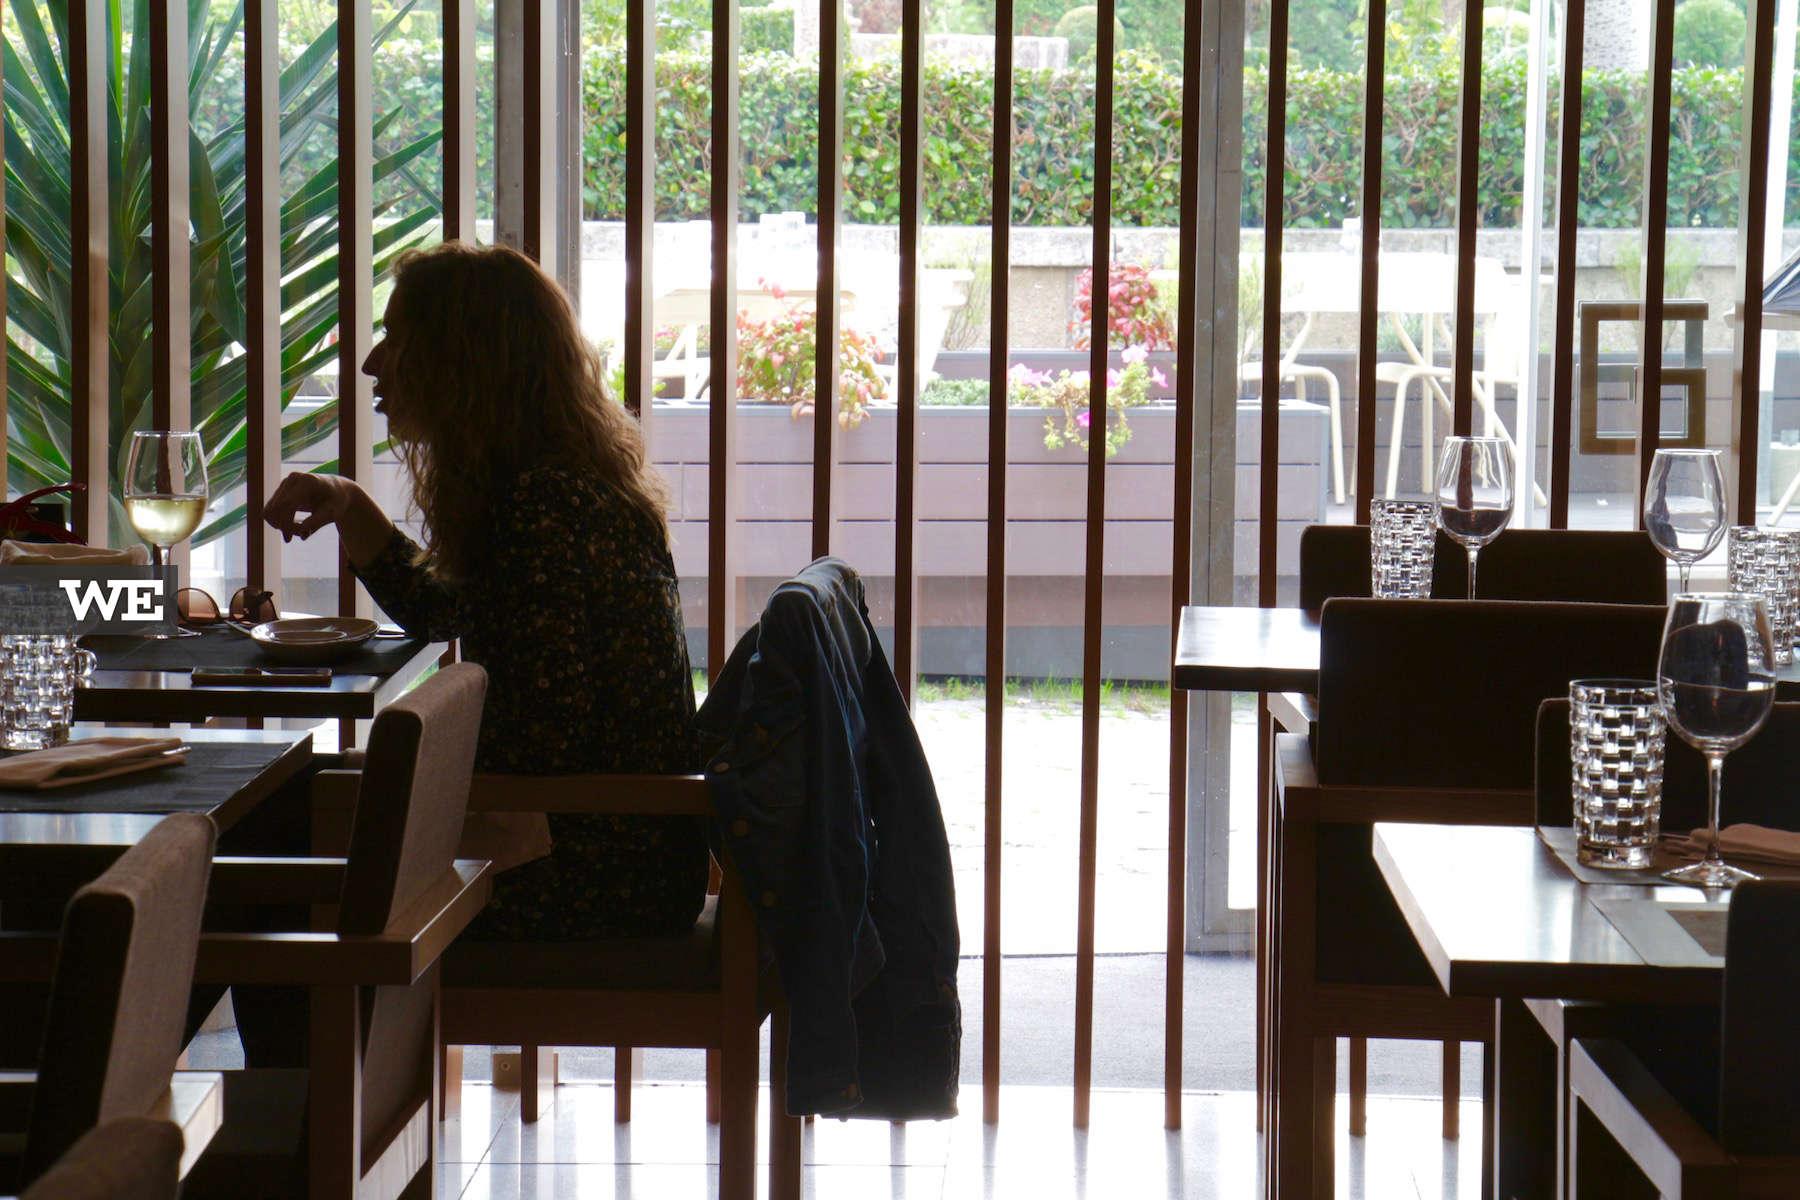 Restaurante de Sushi em Braga - Alma d'Eça